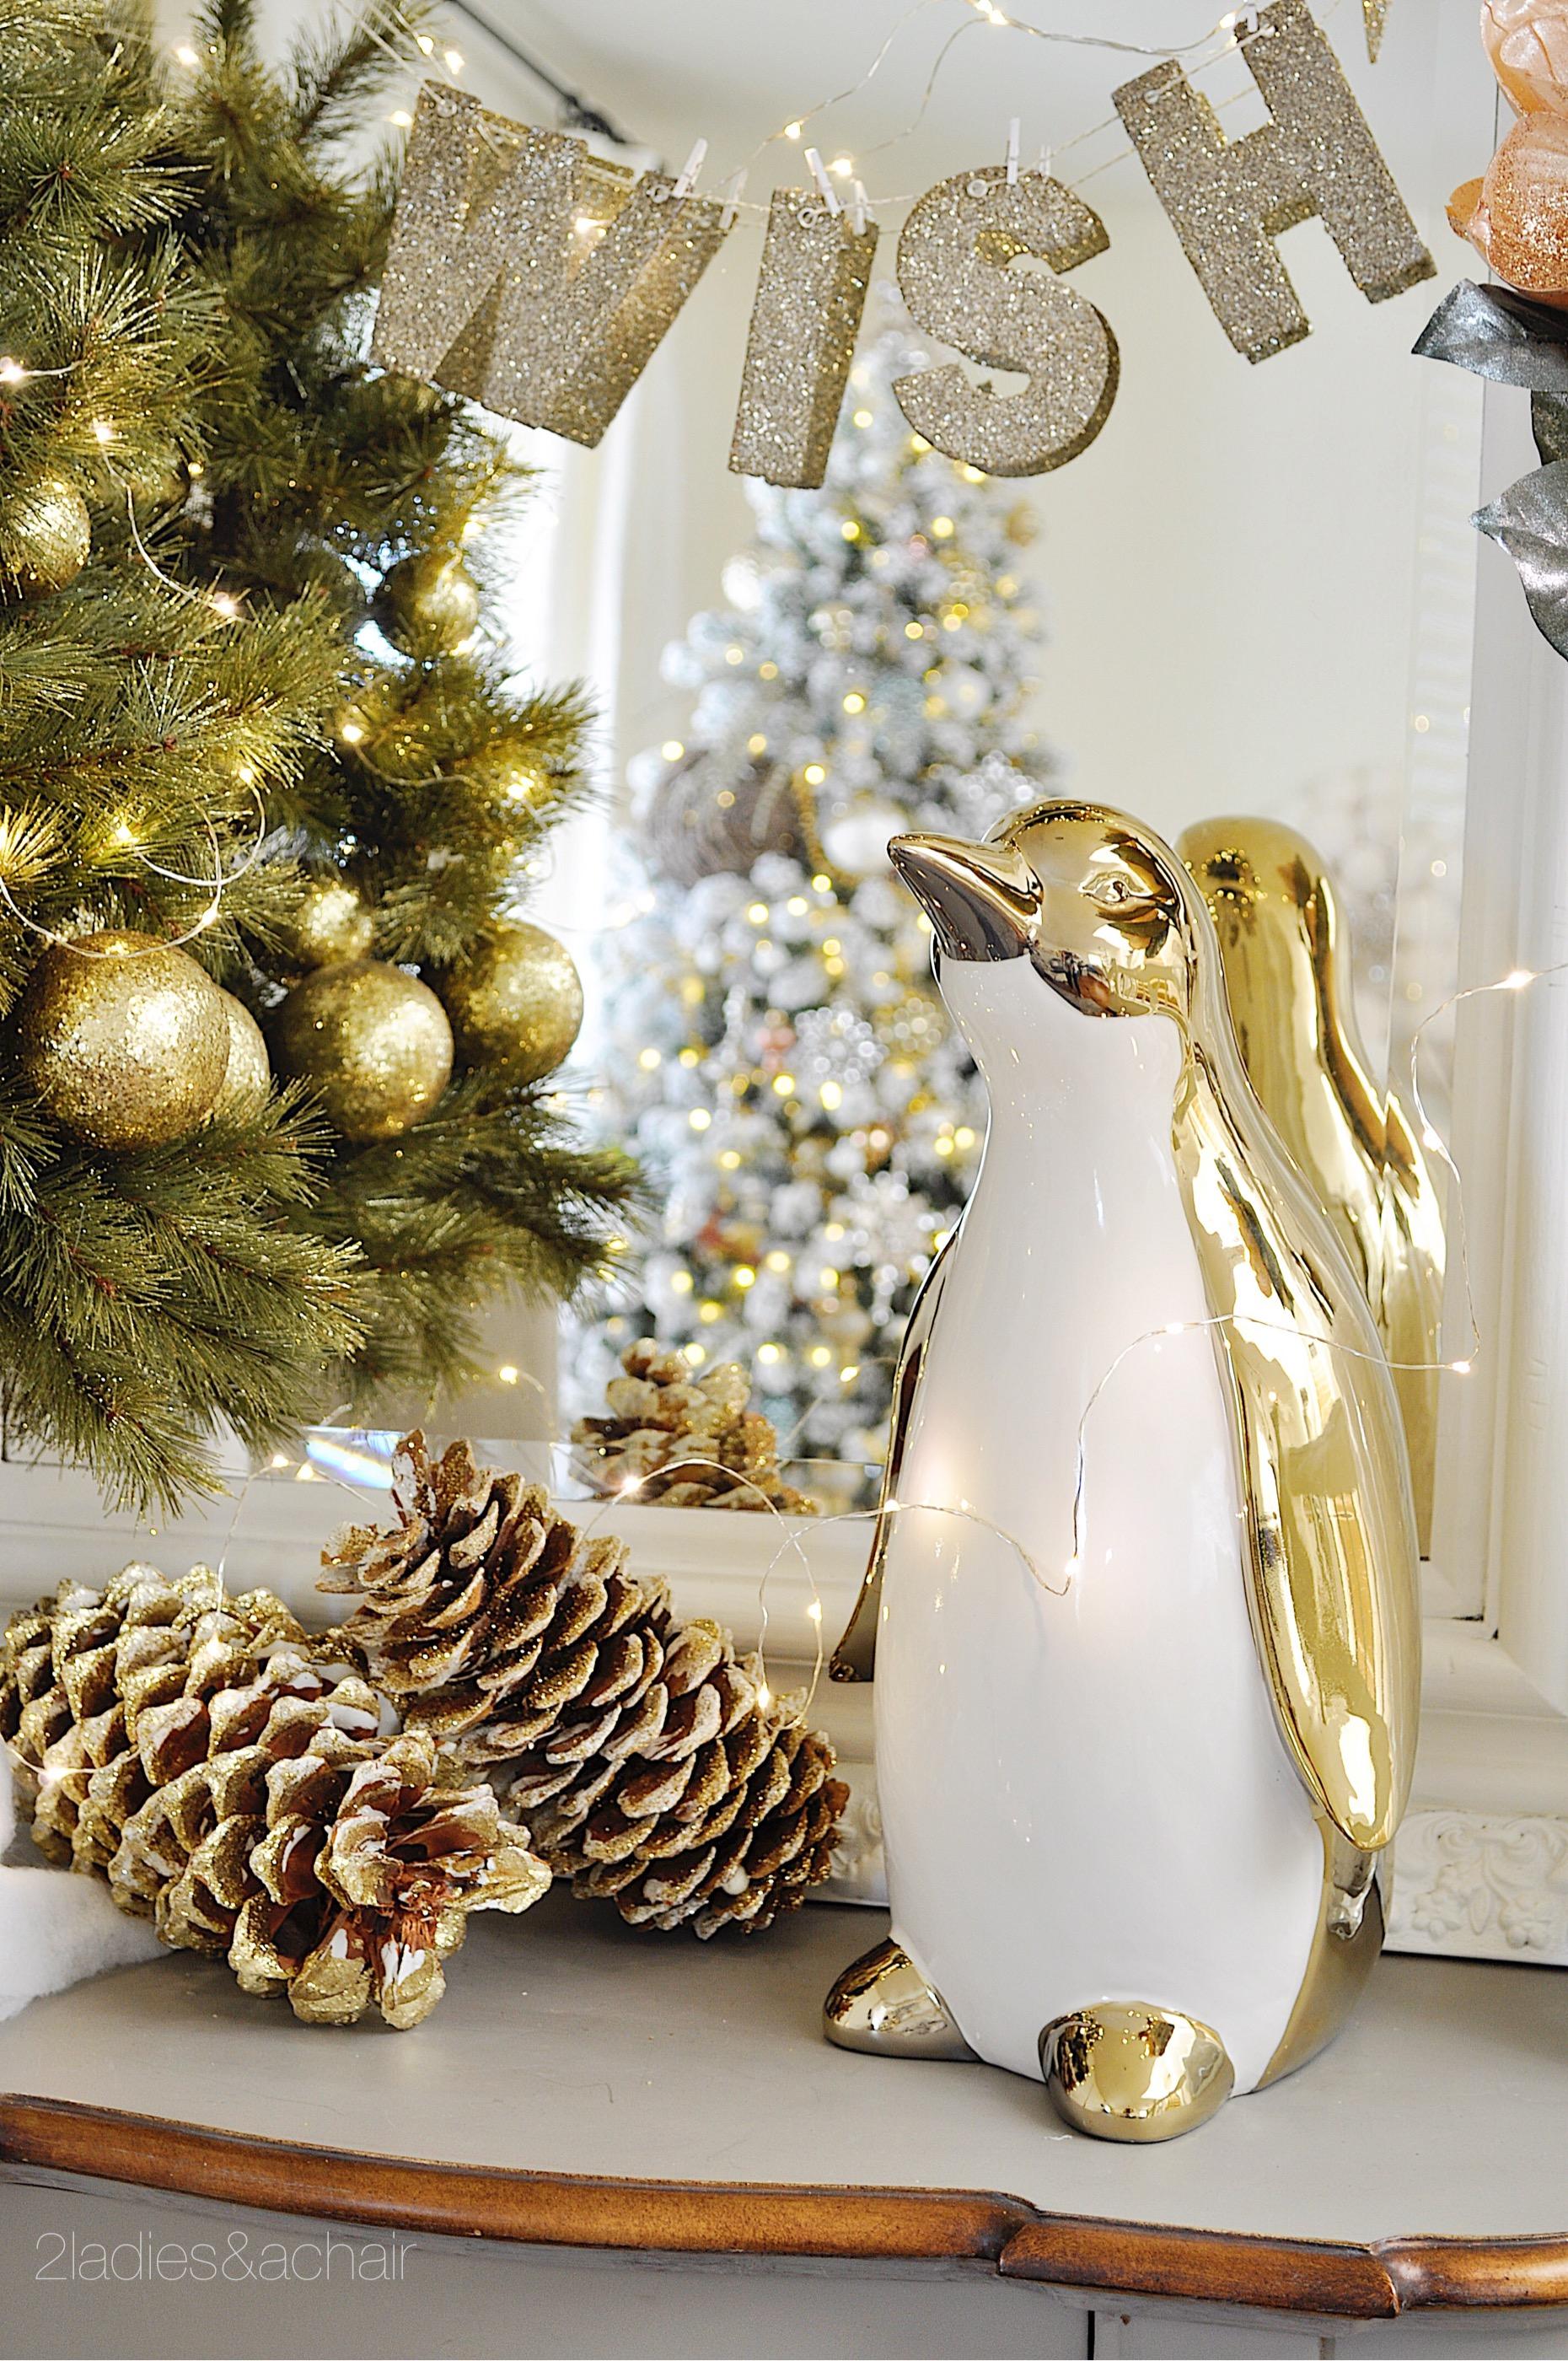 christmas home decorating IMG_8614.JPG